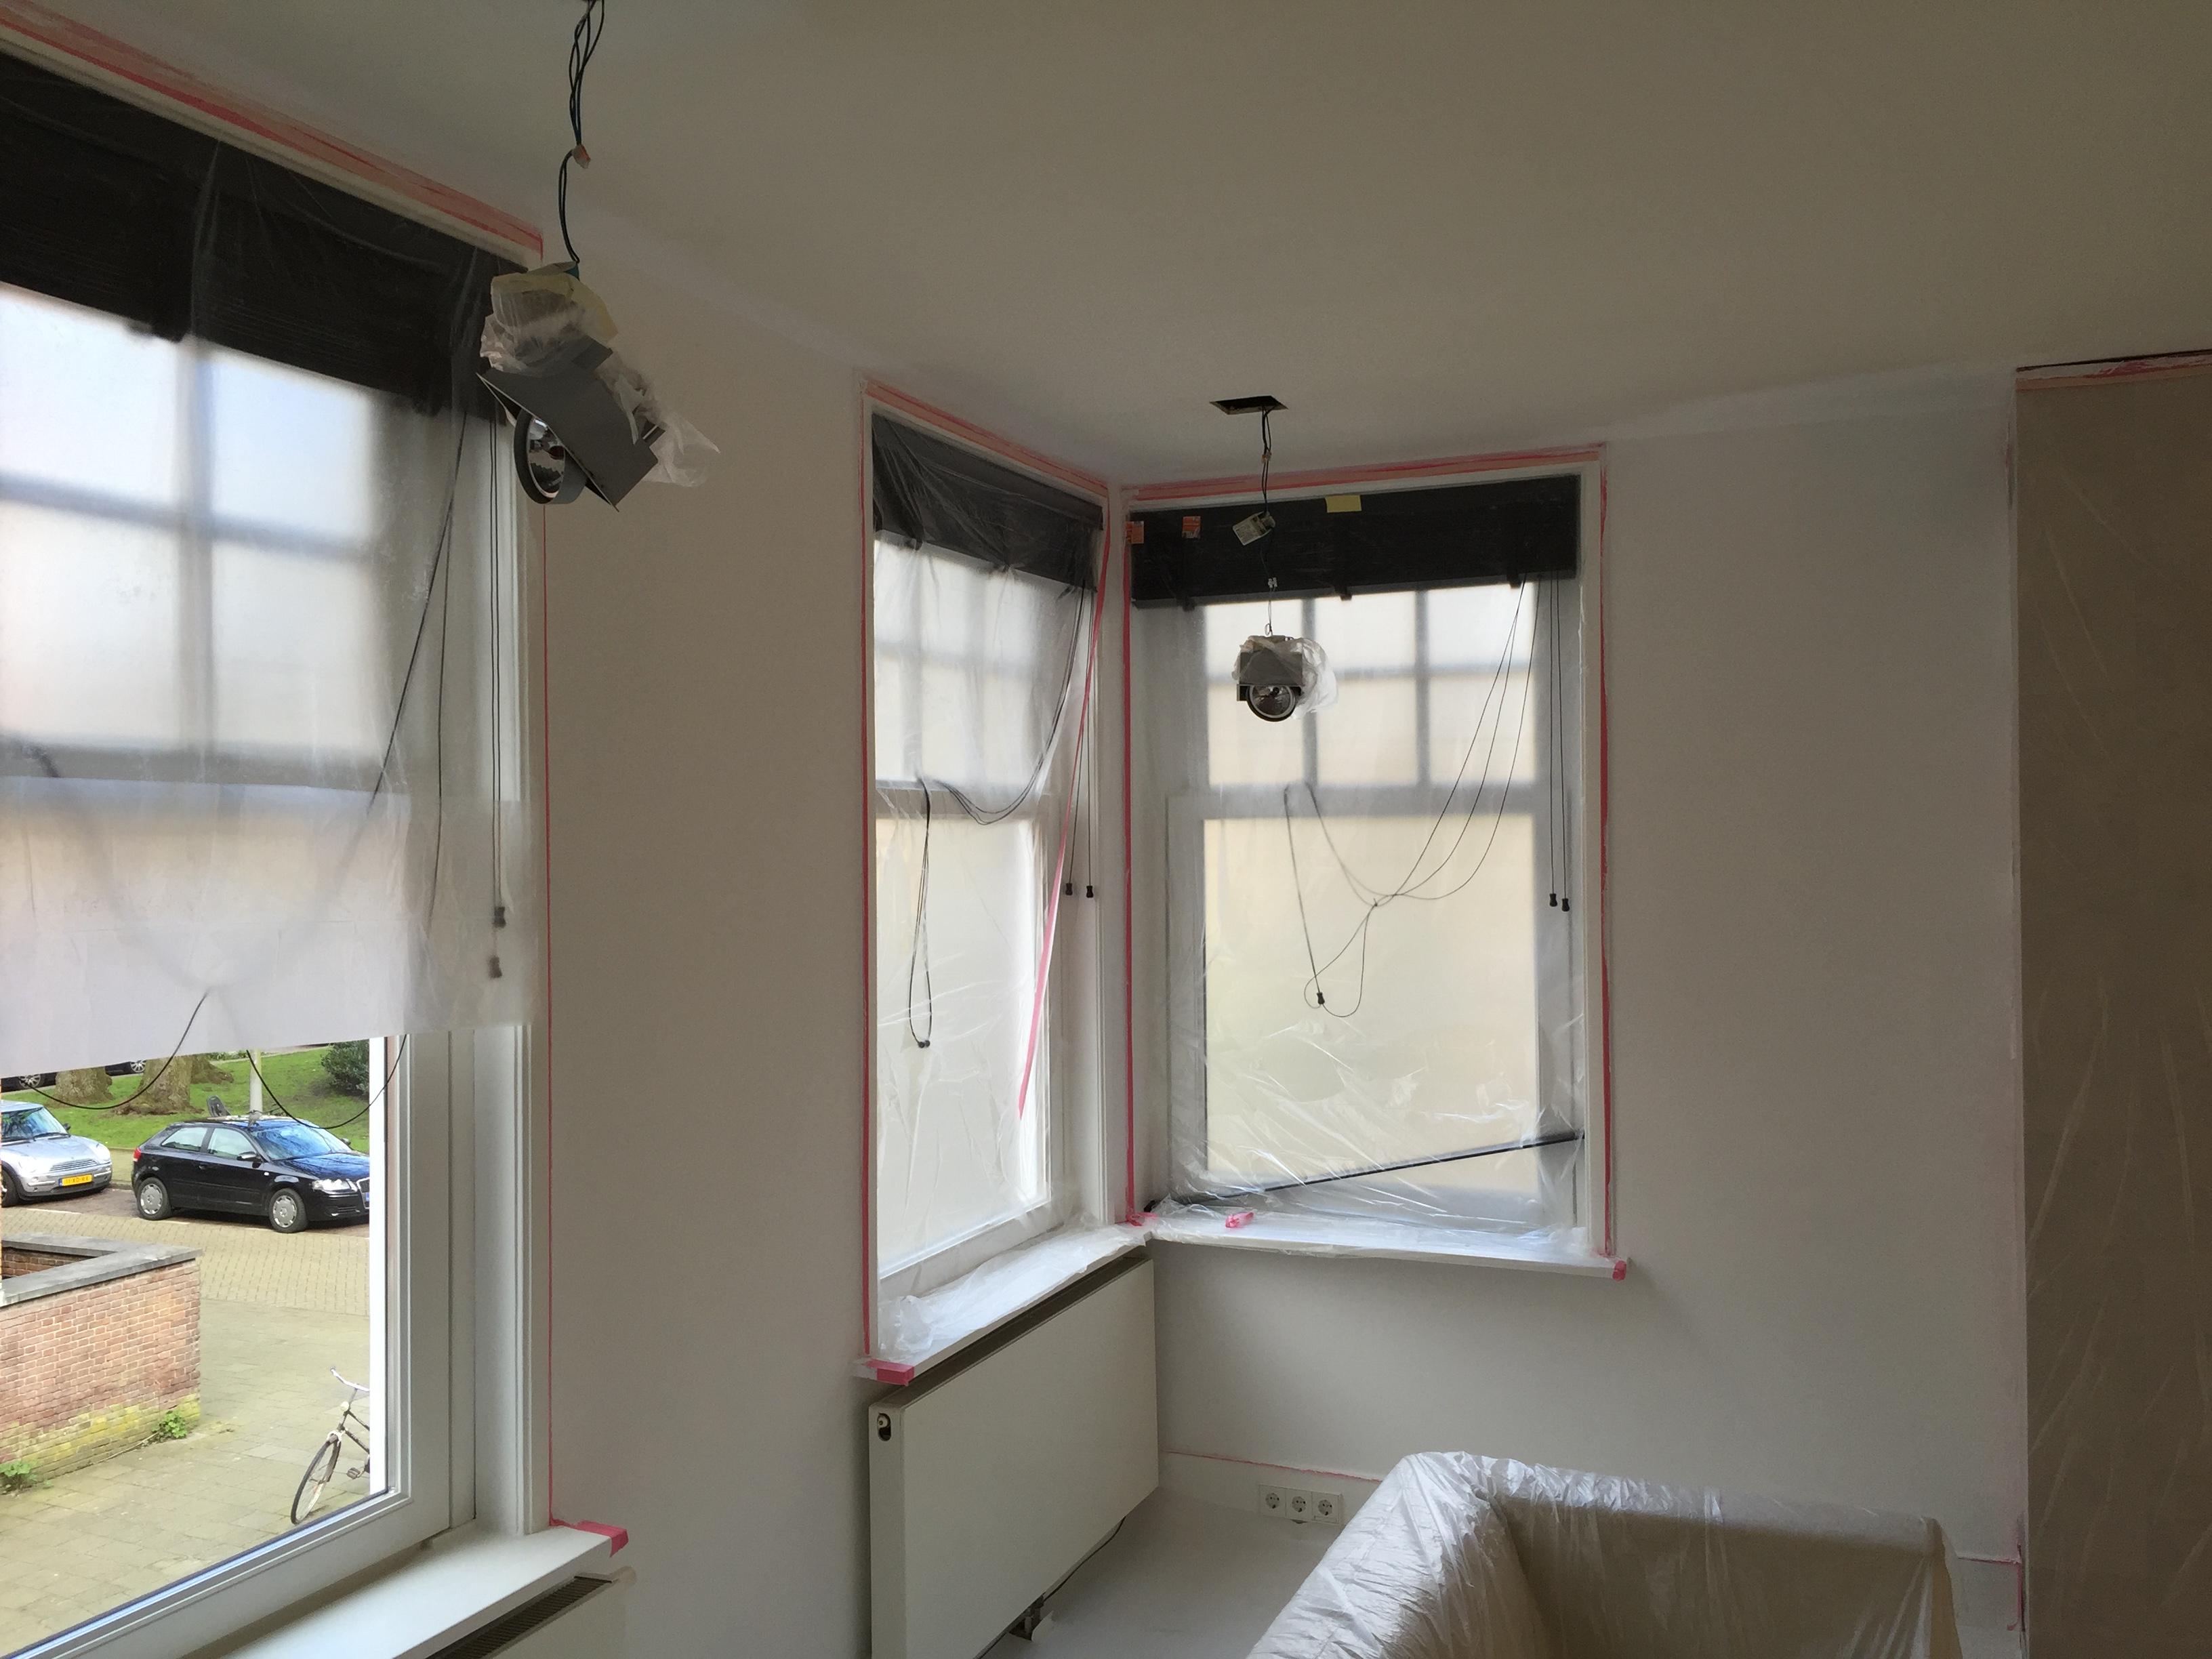 Lekkage Plafond Woonkamer : Plafond lekage repareren voordemakers